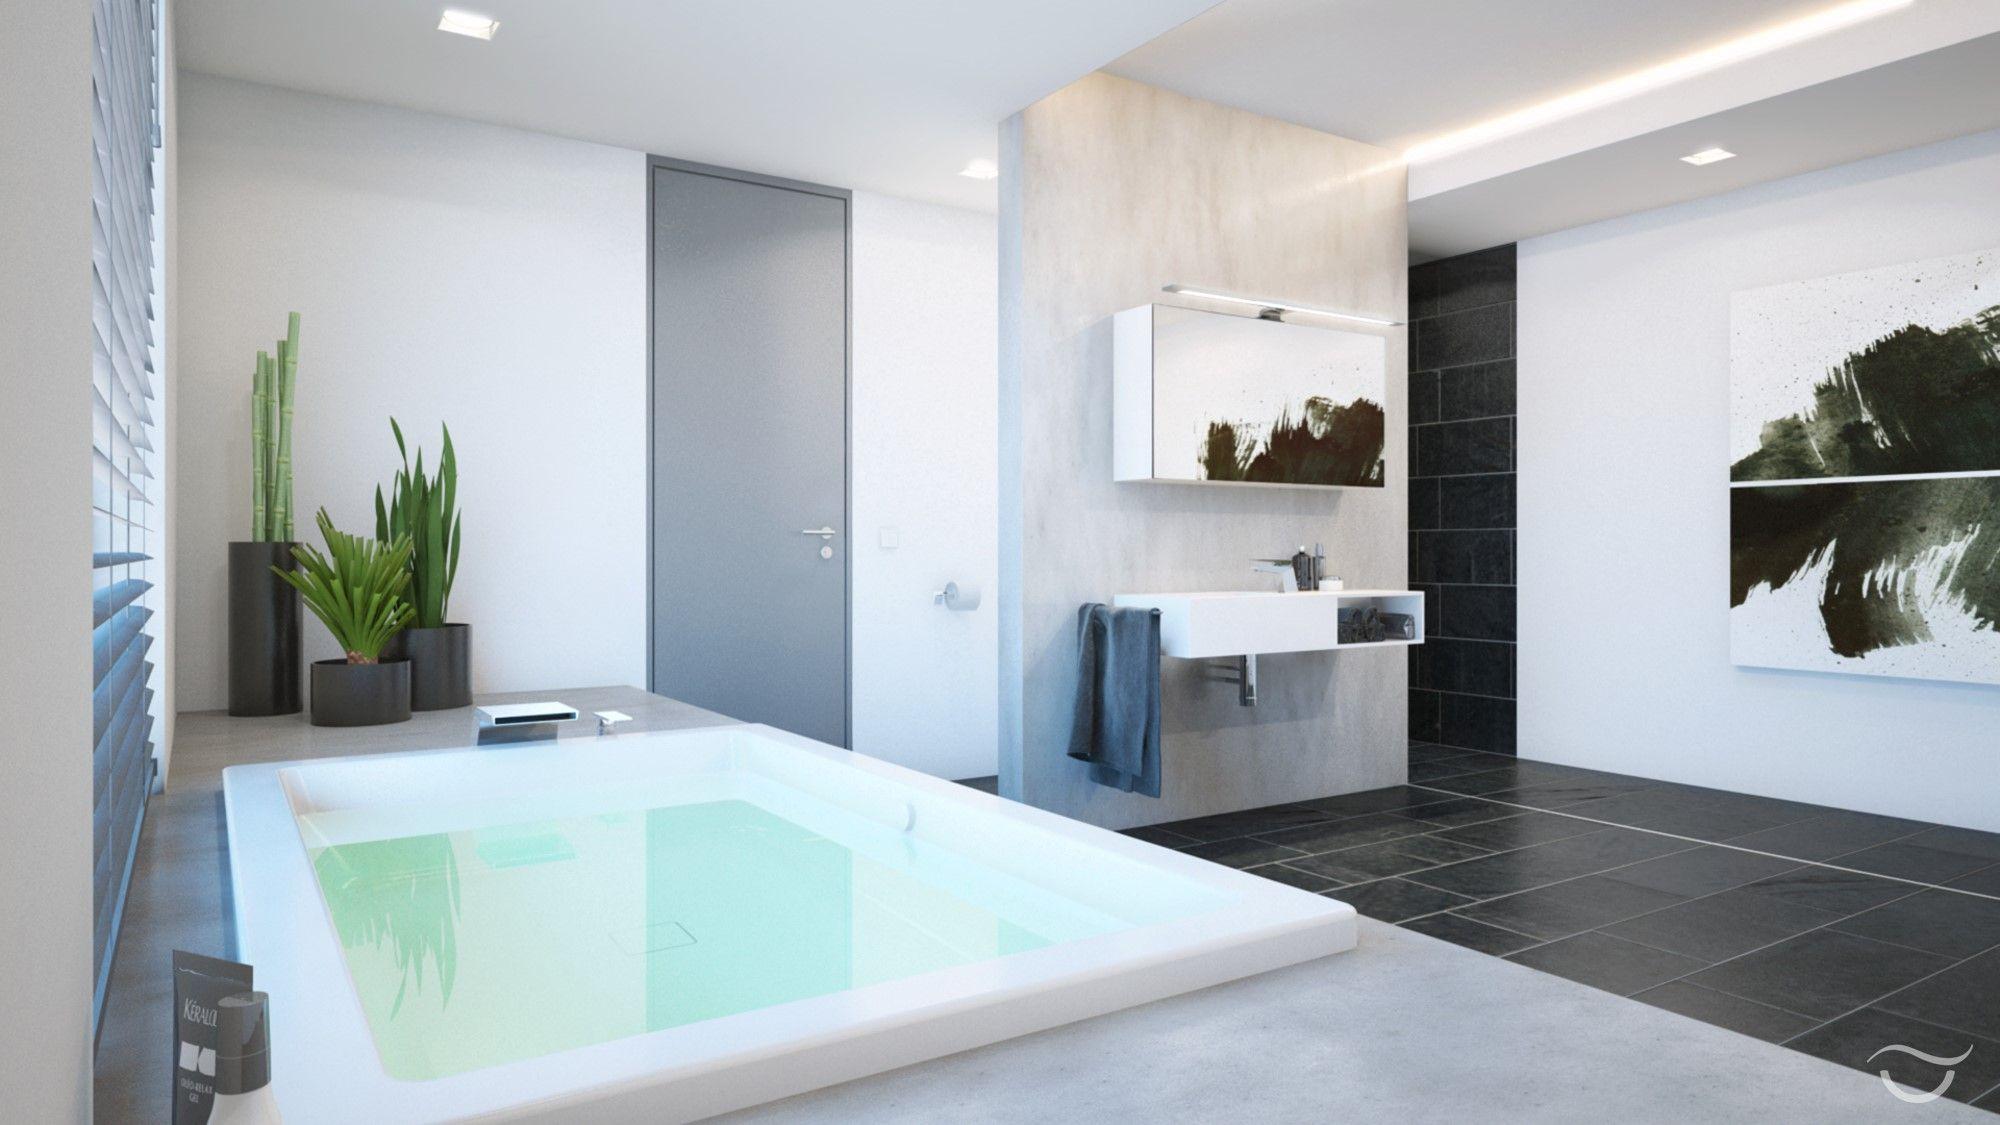 Modernes Badezimmer Design MANHATTAN: Elegante Badewanne Mit Großzügiger  Sitz  Und Ablagefläche